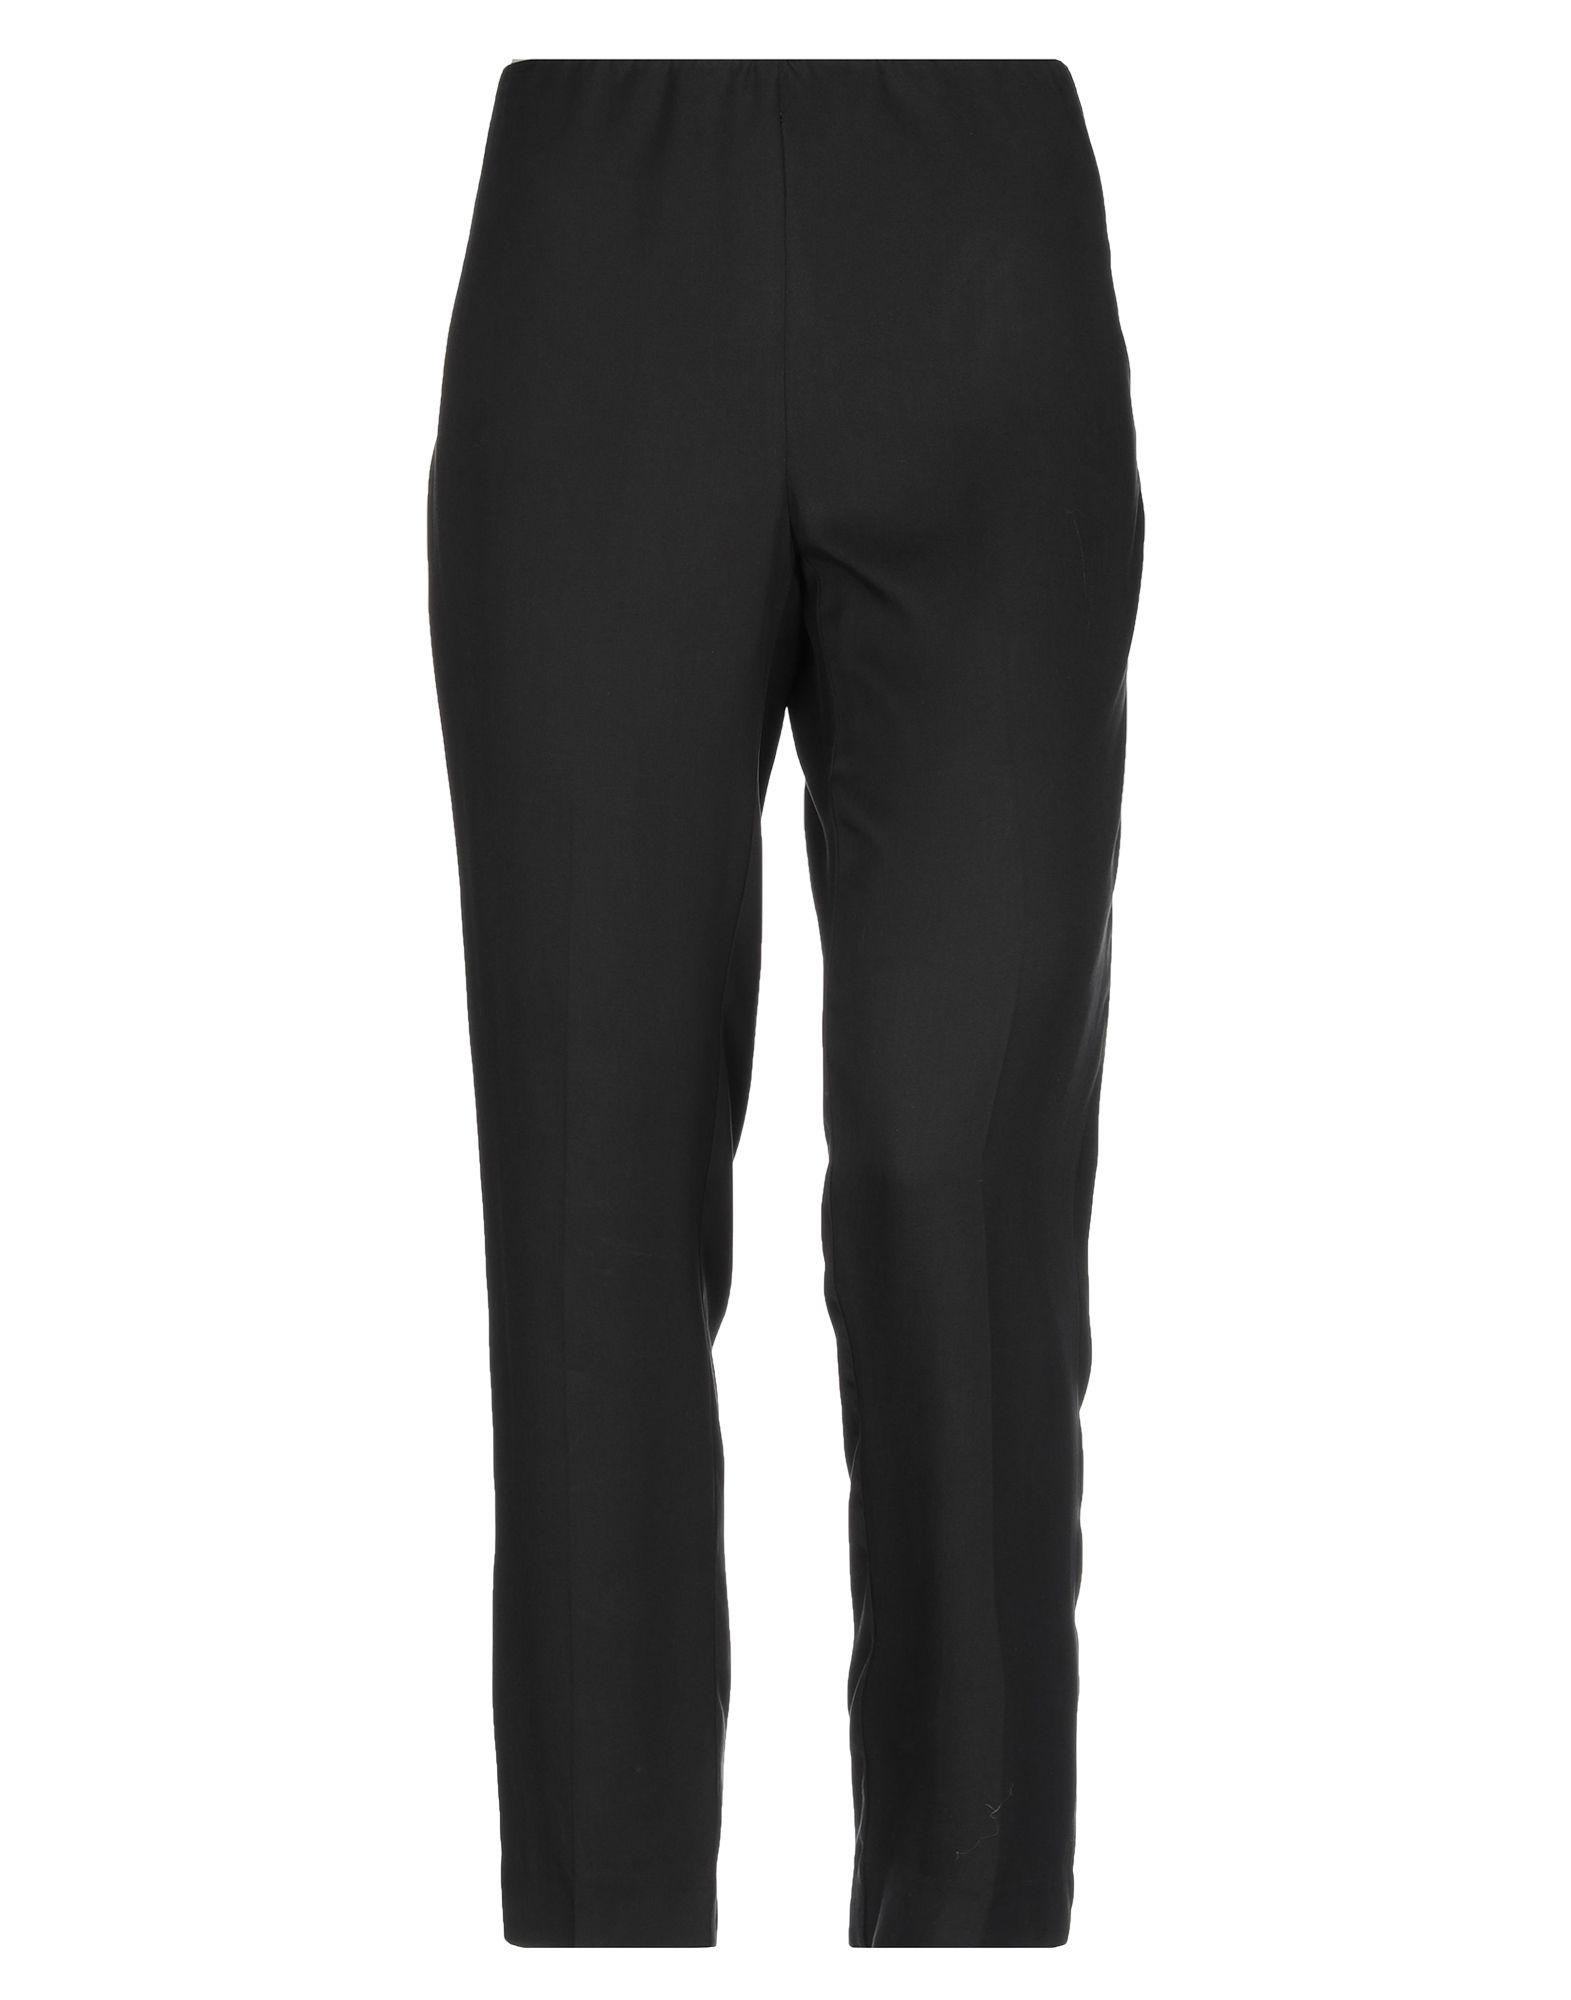 《送料無料》LES COPAINS レディース パンツ ブラック 42 テンセル 100%